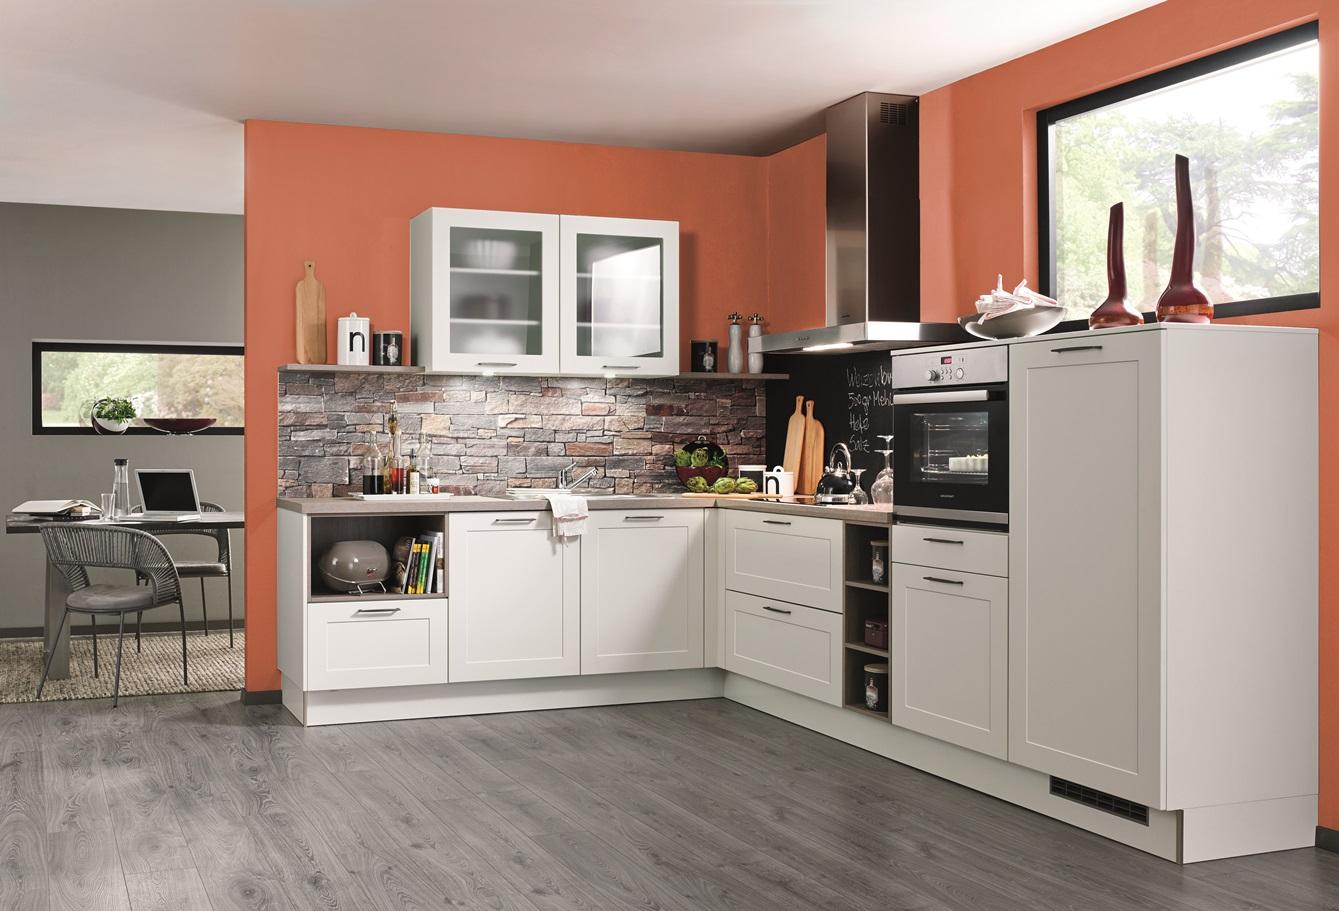 Full Size of Kleine Kreidetafel Für Küche Tafel Küche Kreide Kleine Kreidetafel Küche Kreidetafel In Der Küche Küche Kreidetafel Küche